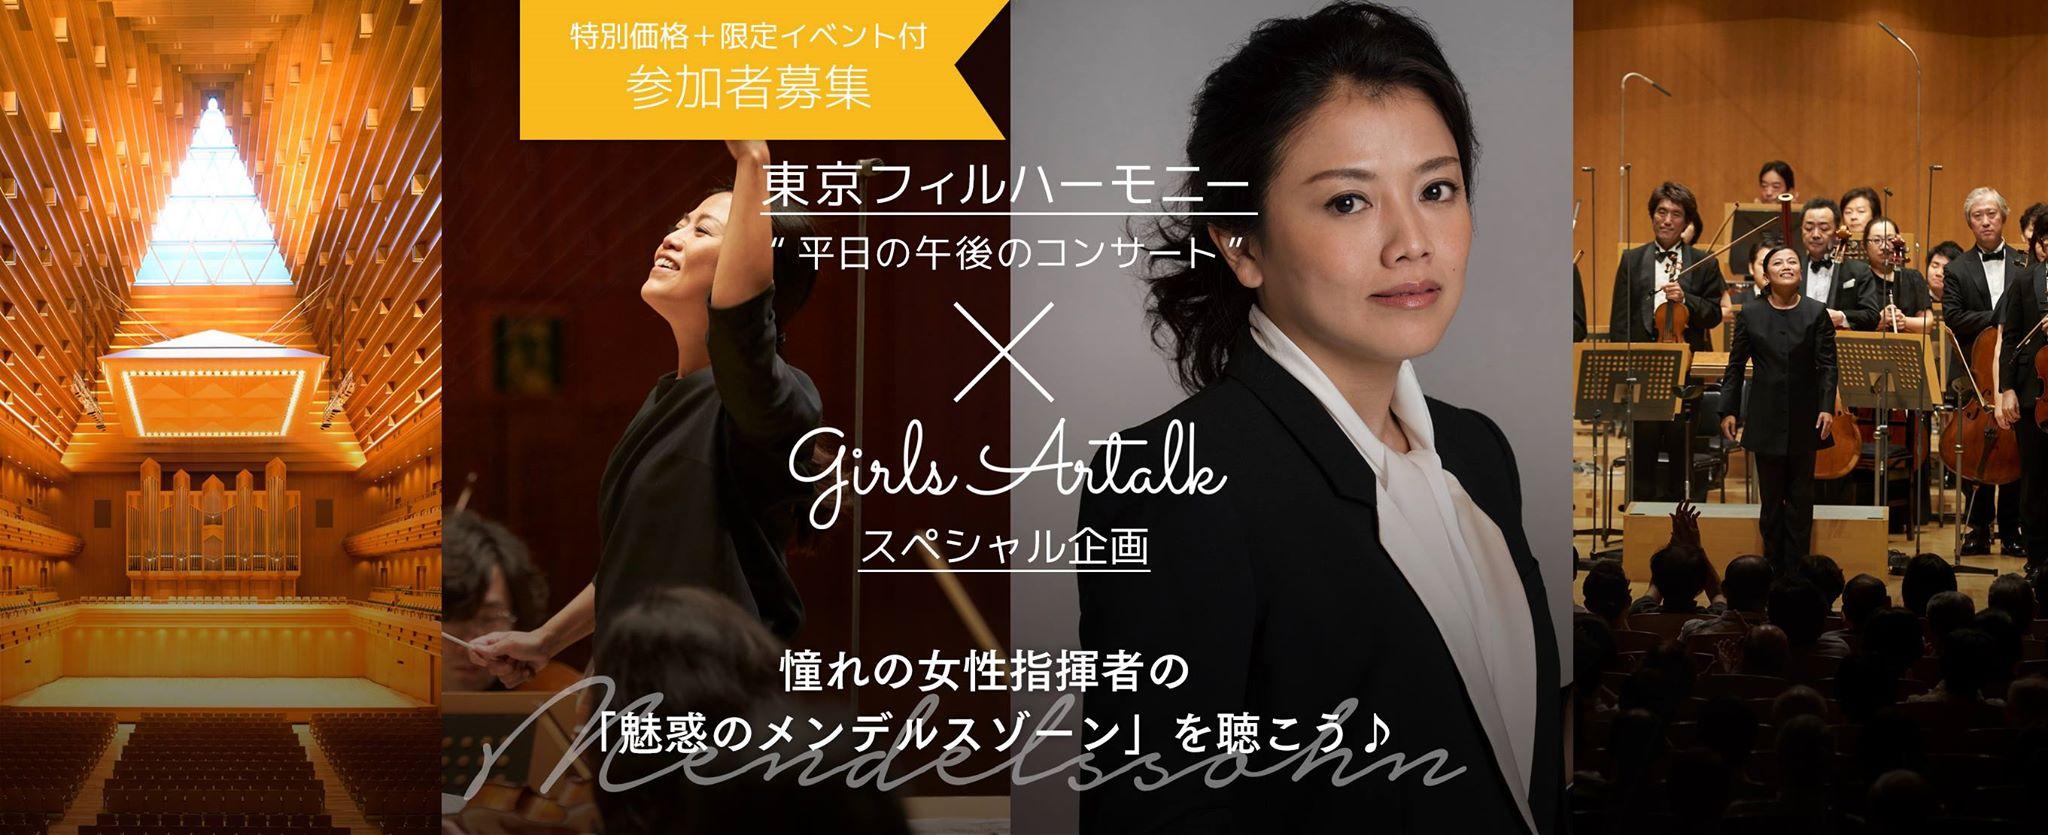 【特別企画】東京フィル「平日の午後のコンサート」✕girls Artalkスペシャル企画